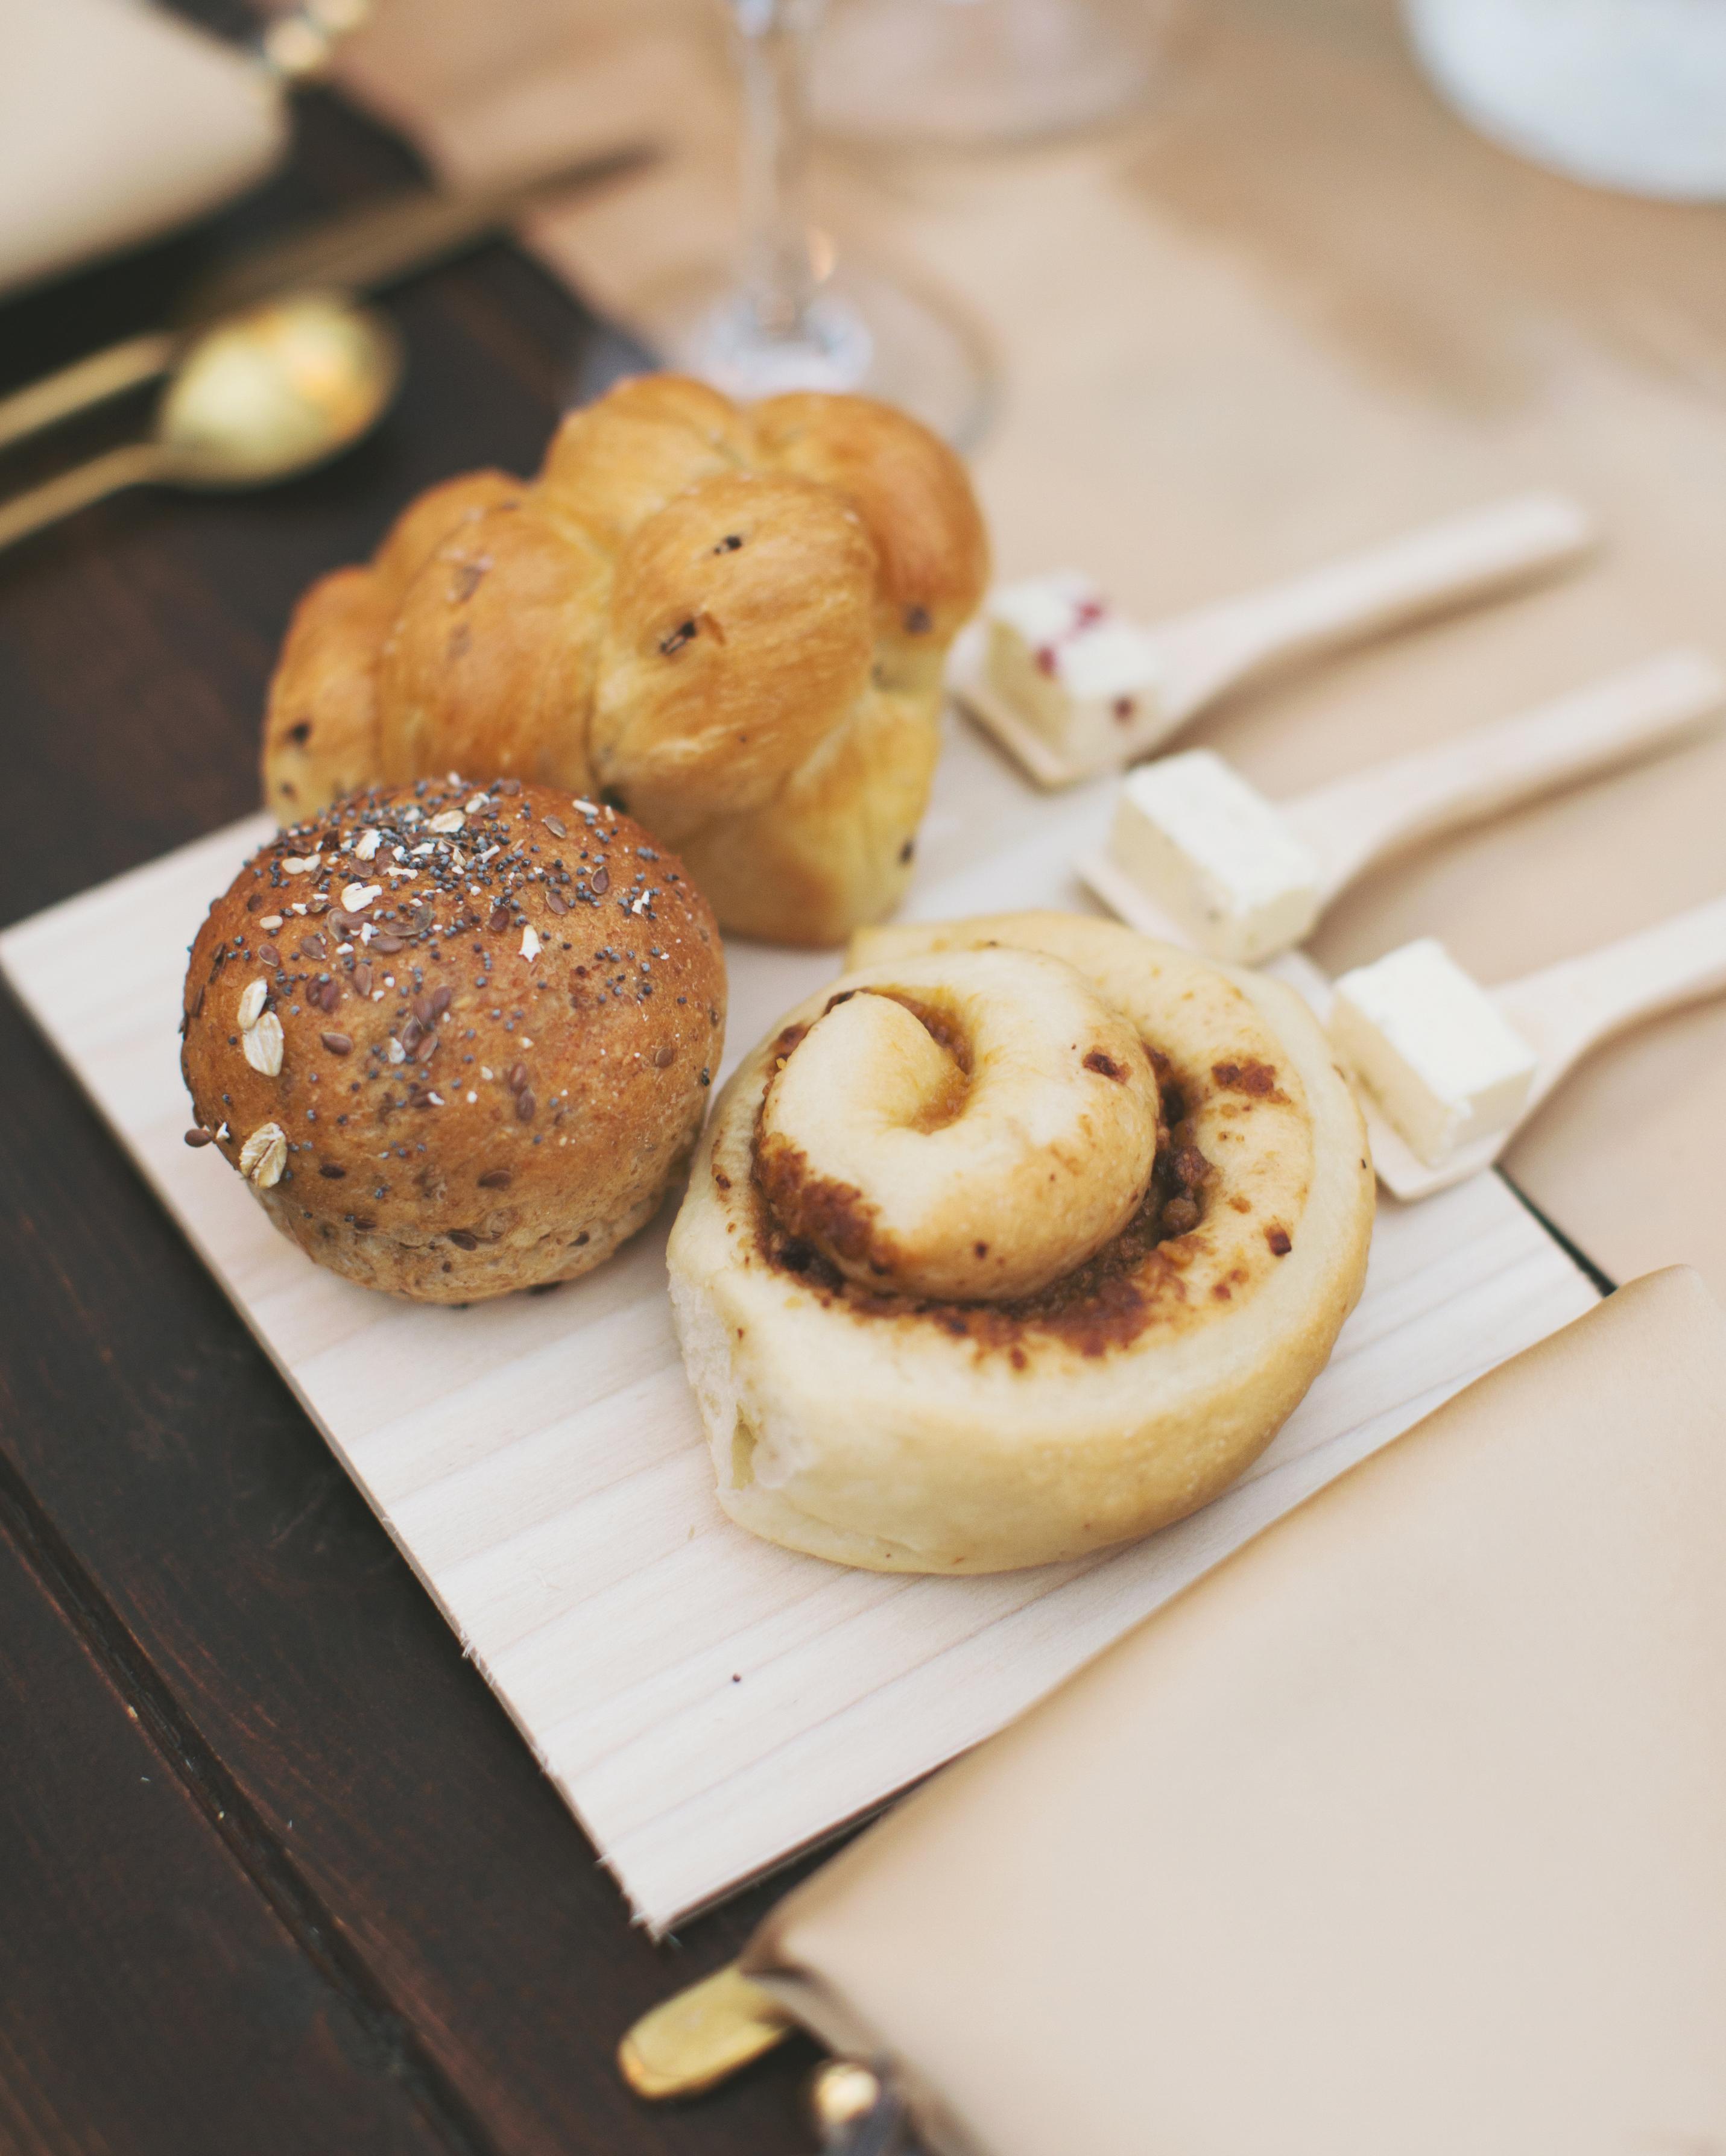 sara-matt-wedding-bread-2908-s111990-0715.jpg